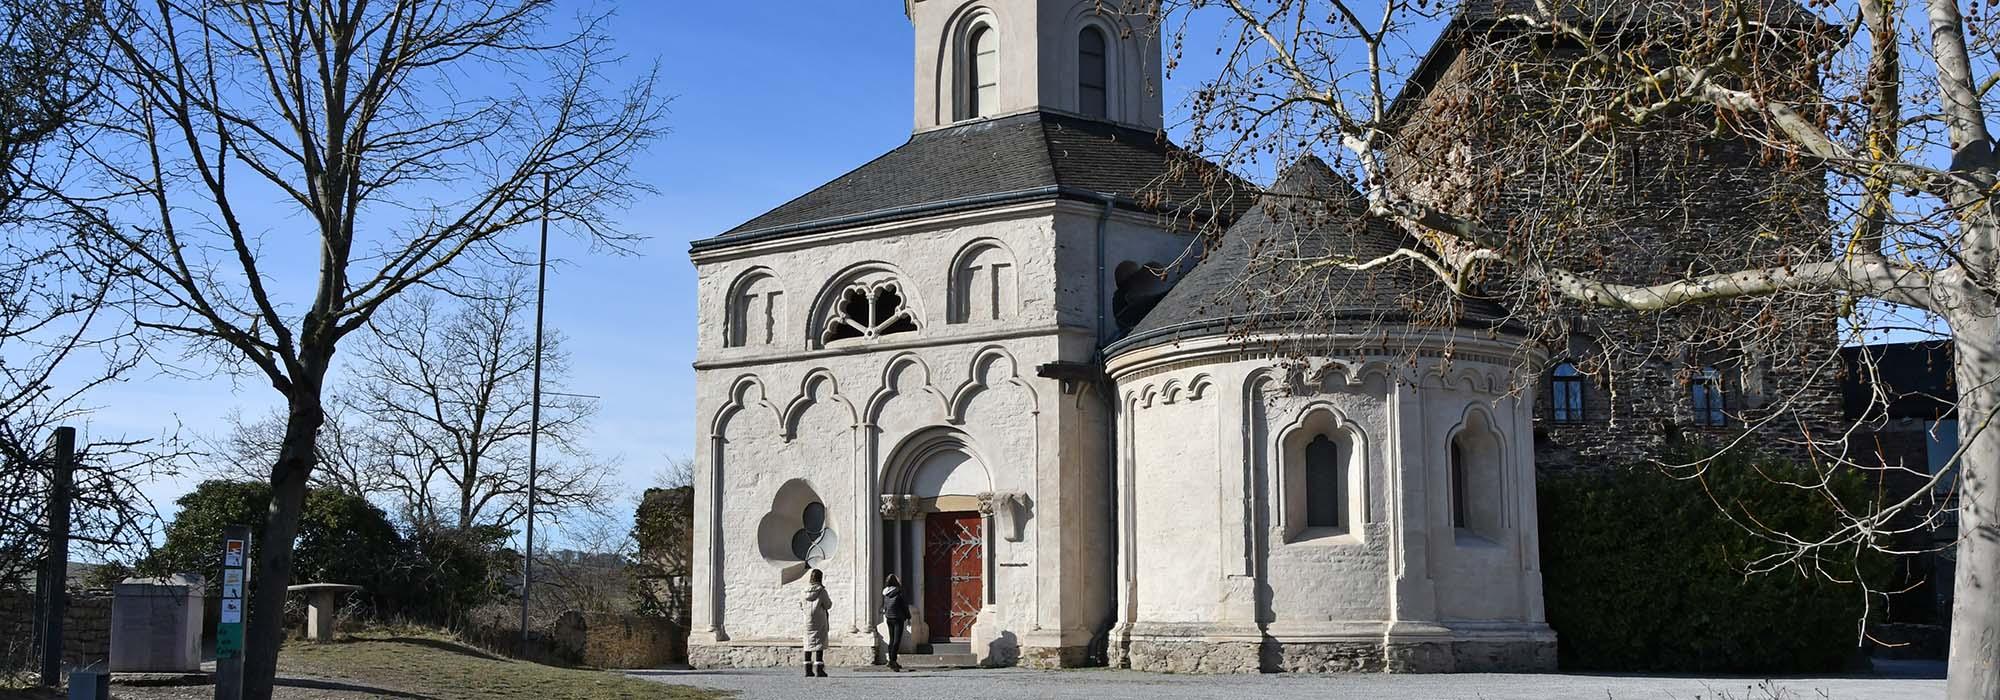 Matthiaskapelle-ARN_2818